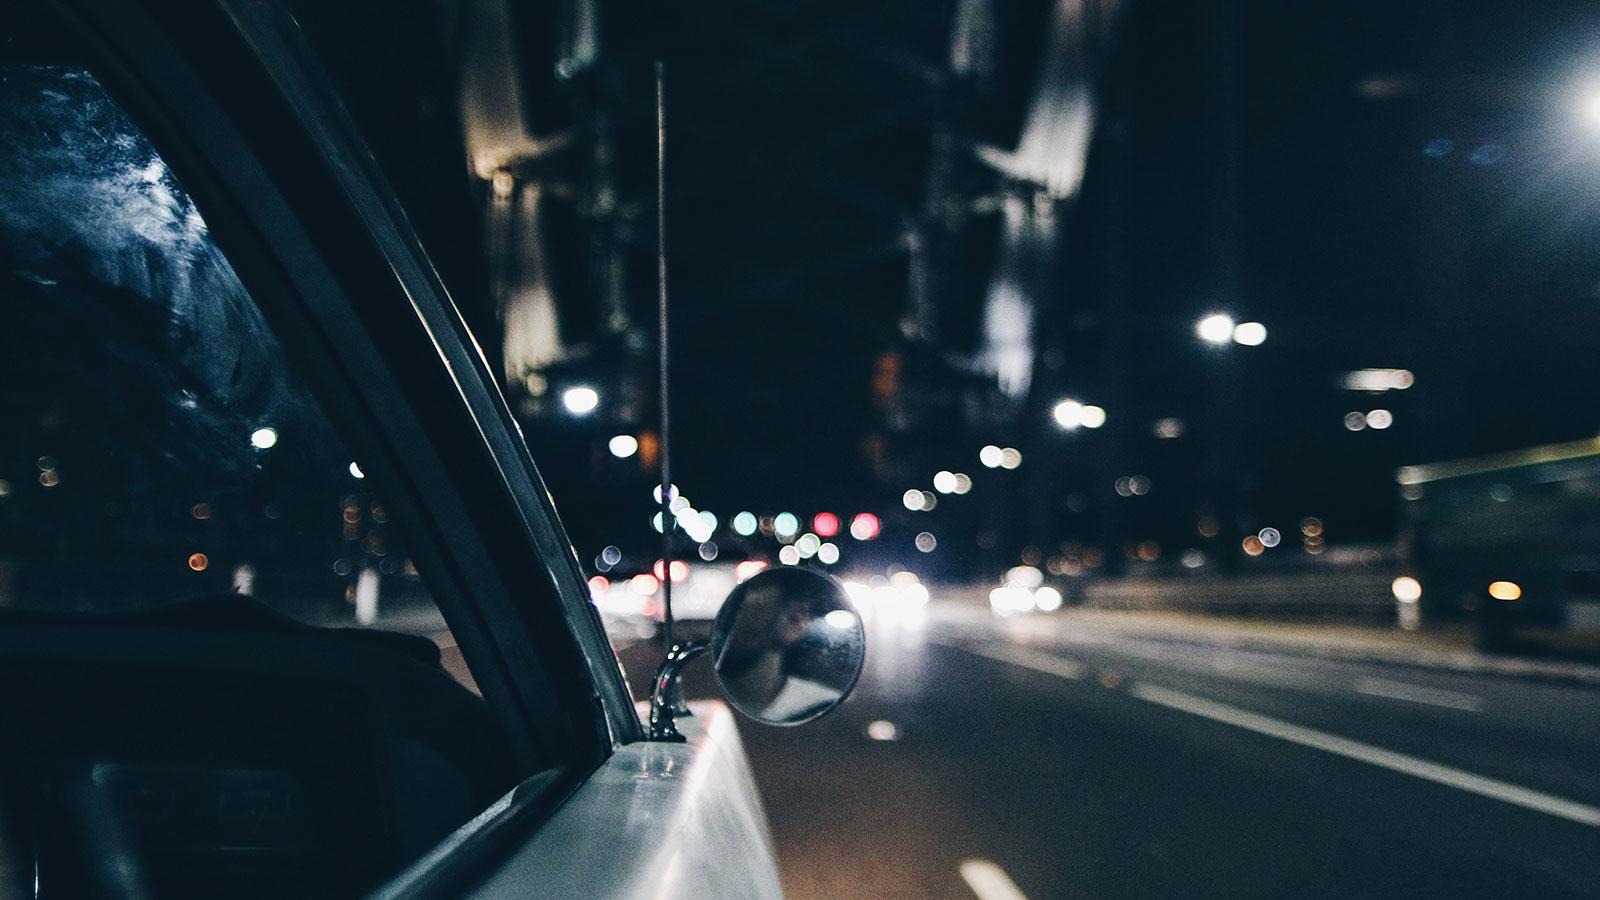 Vernetzte, selbstfahrende Autos – Zukunftsvision?